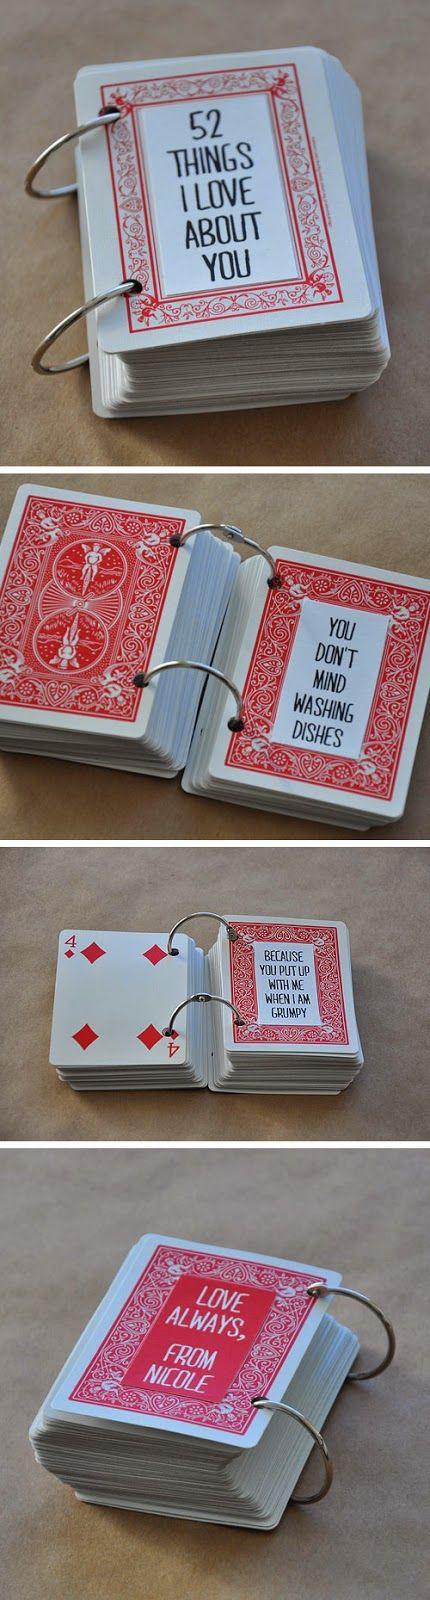 utiliza un juego de poker